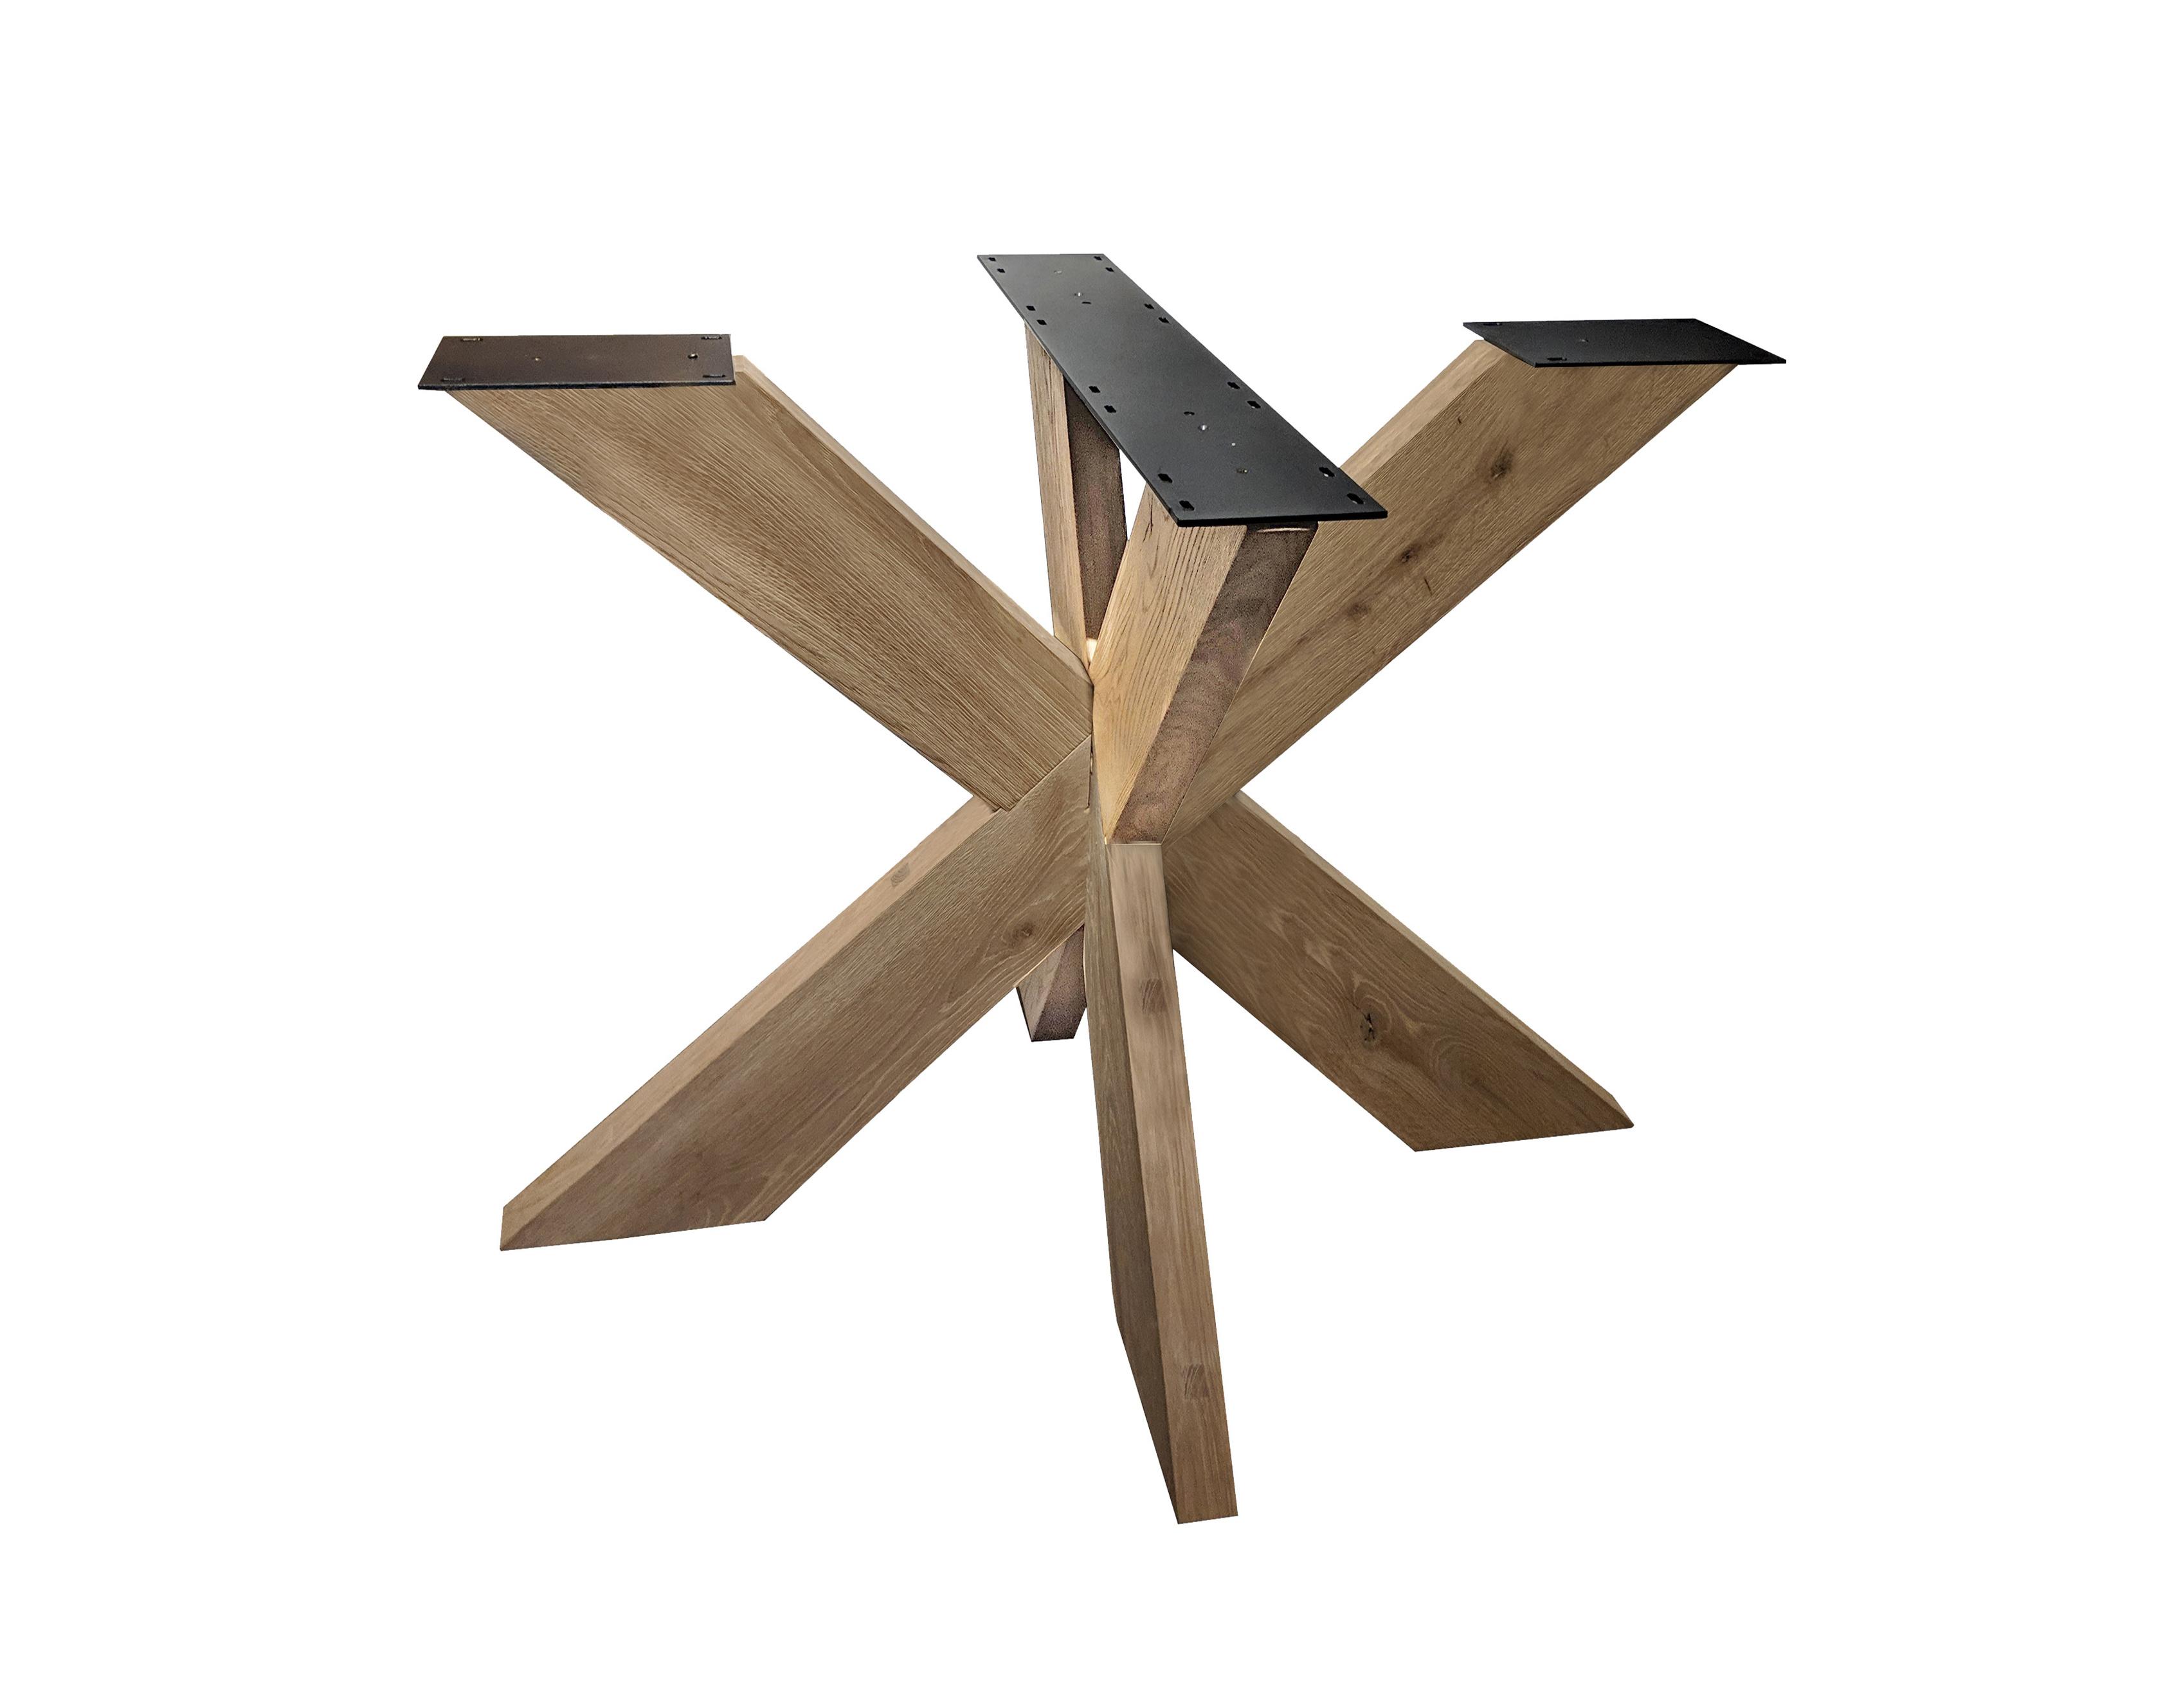 Tischgestell Eiche doppelt X - 6x16 cm - 130x130 cm  - 72 cm hoch - Eichenholz Rustikal - massives Tischunterstell rund (Mittelfuß) - Künstlich getrocknet HF 12%